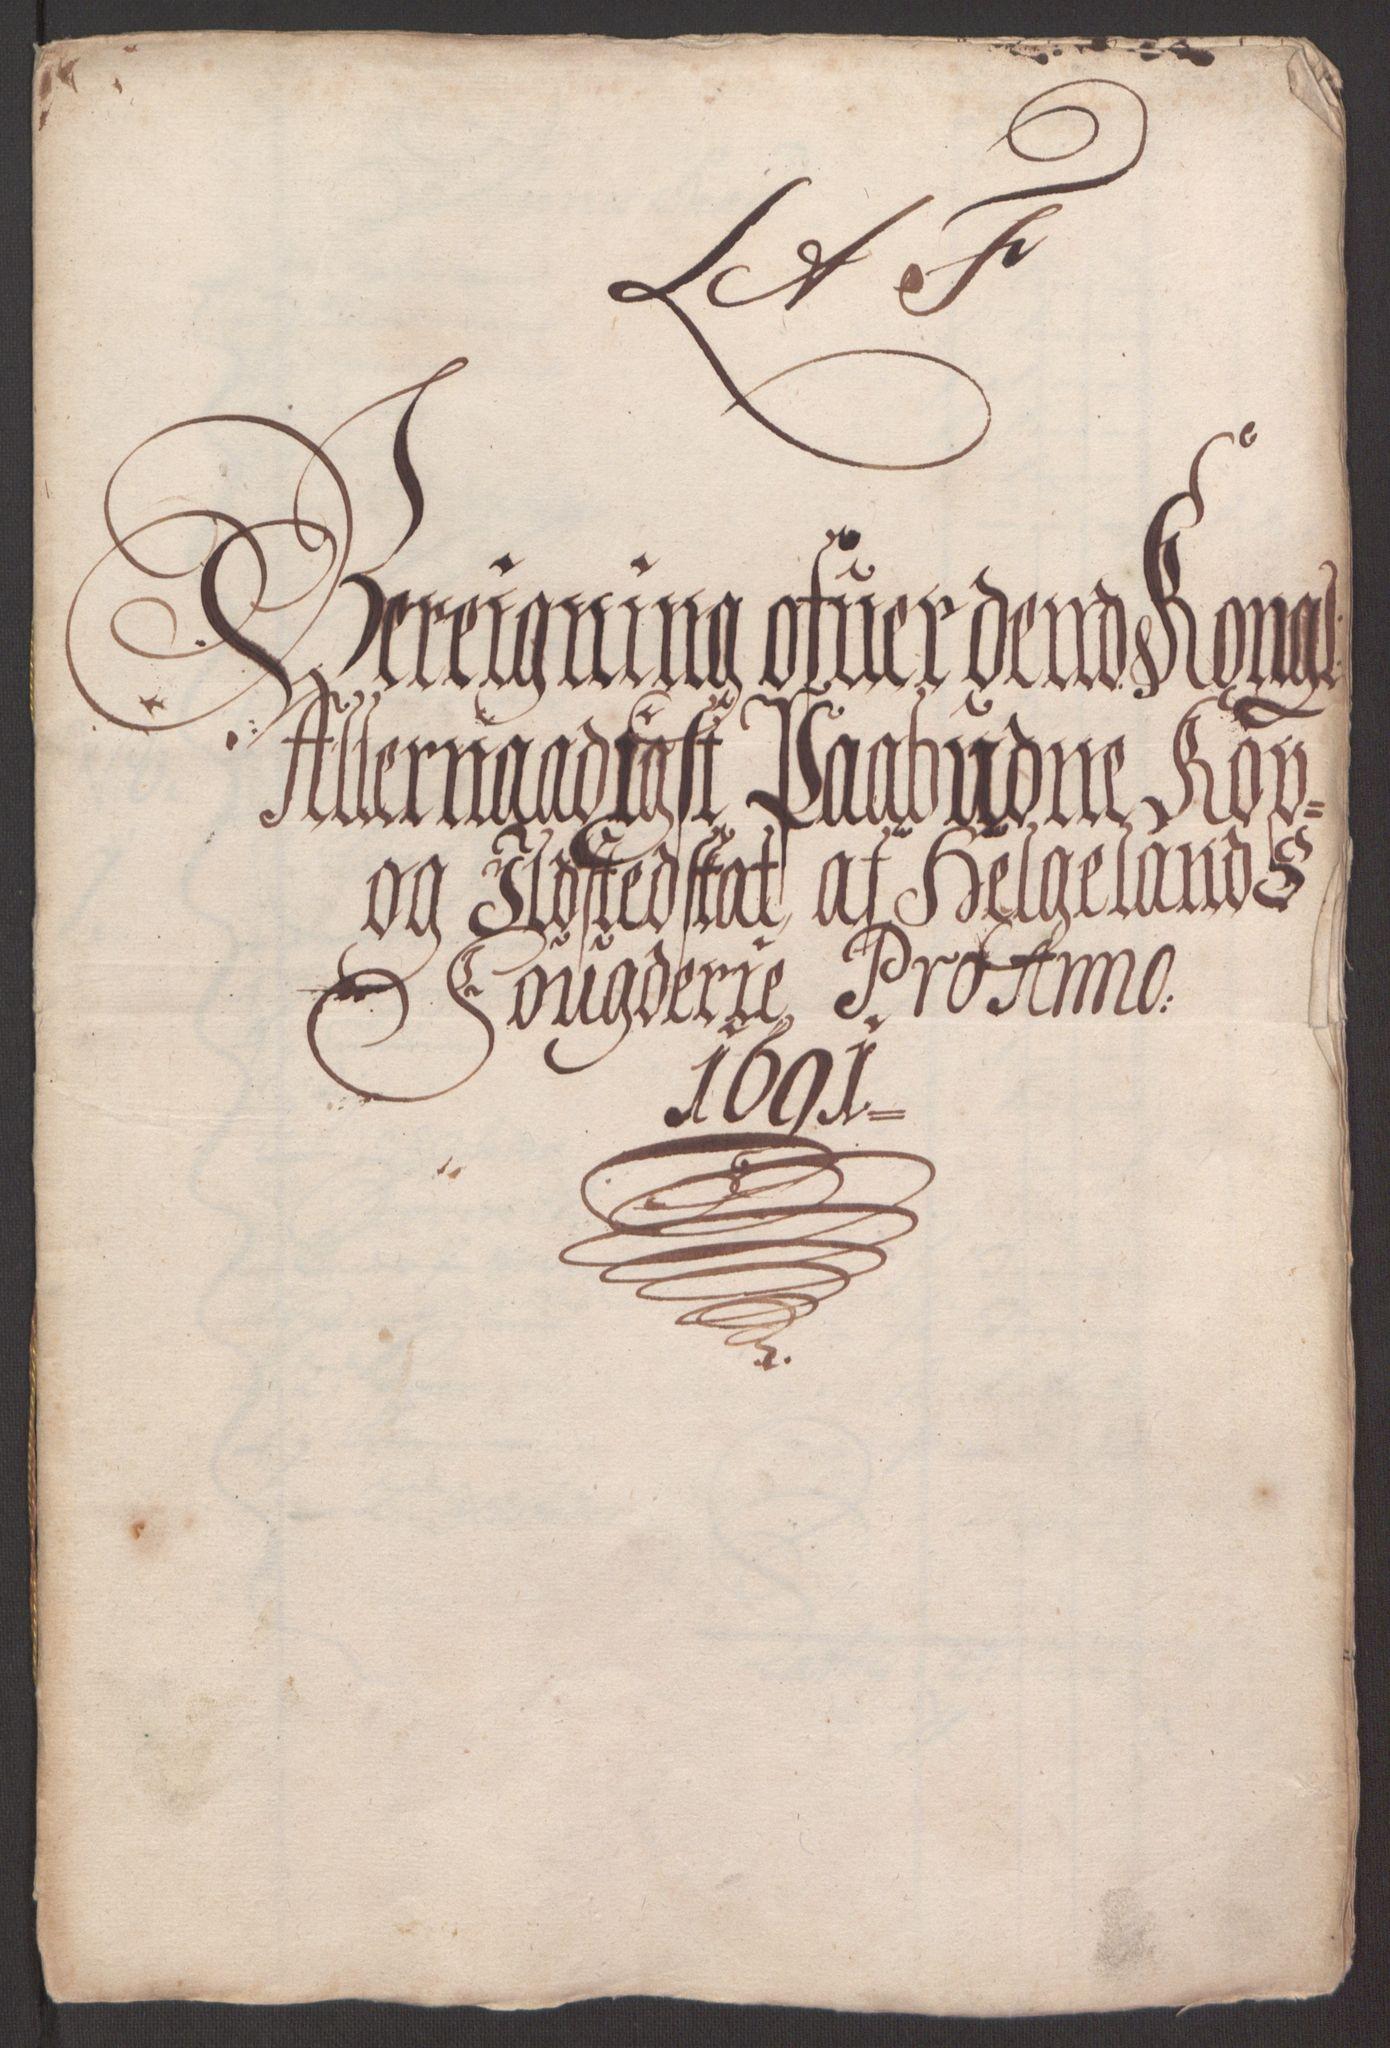 RA, Rentekammeret inntil 1814, Reviderte regnskaper, Fogderegnskap, R65/L4504: Fogderegnskap Helgeland, 1691-1692, s. 124